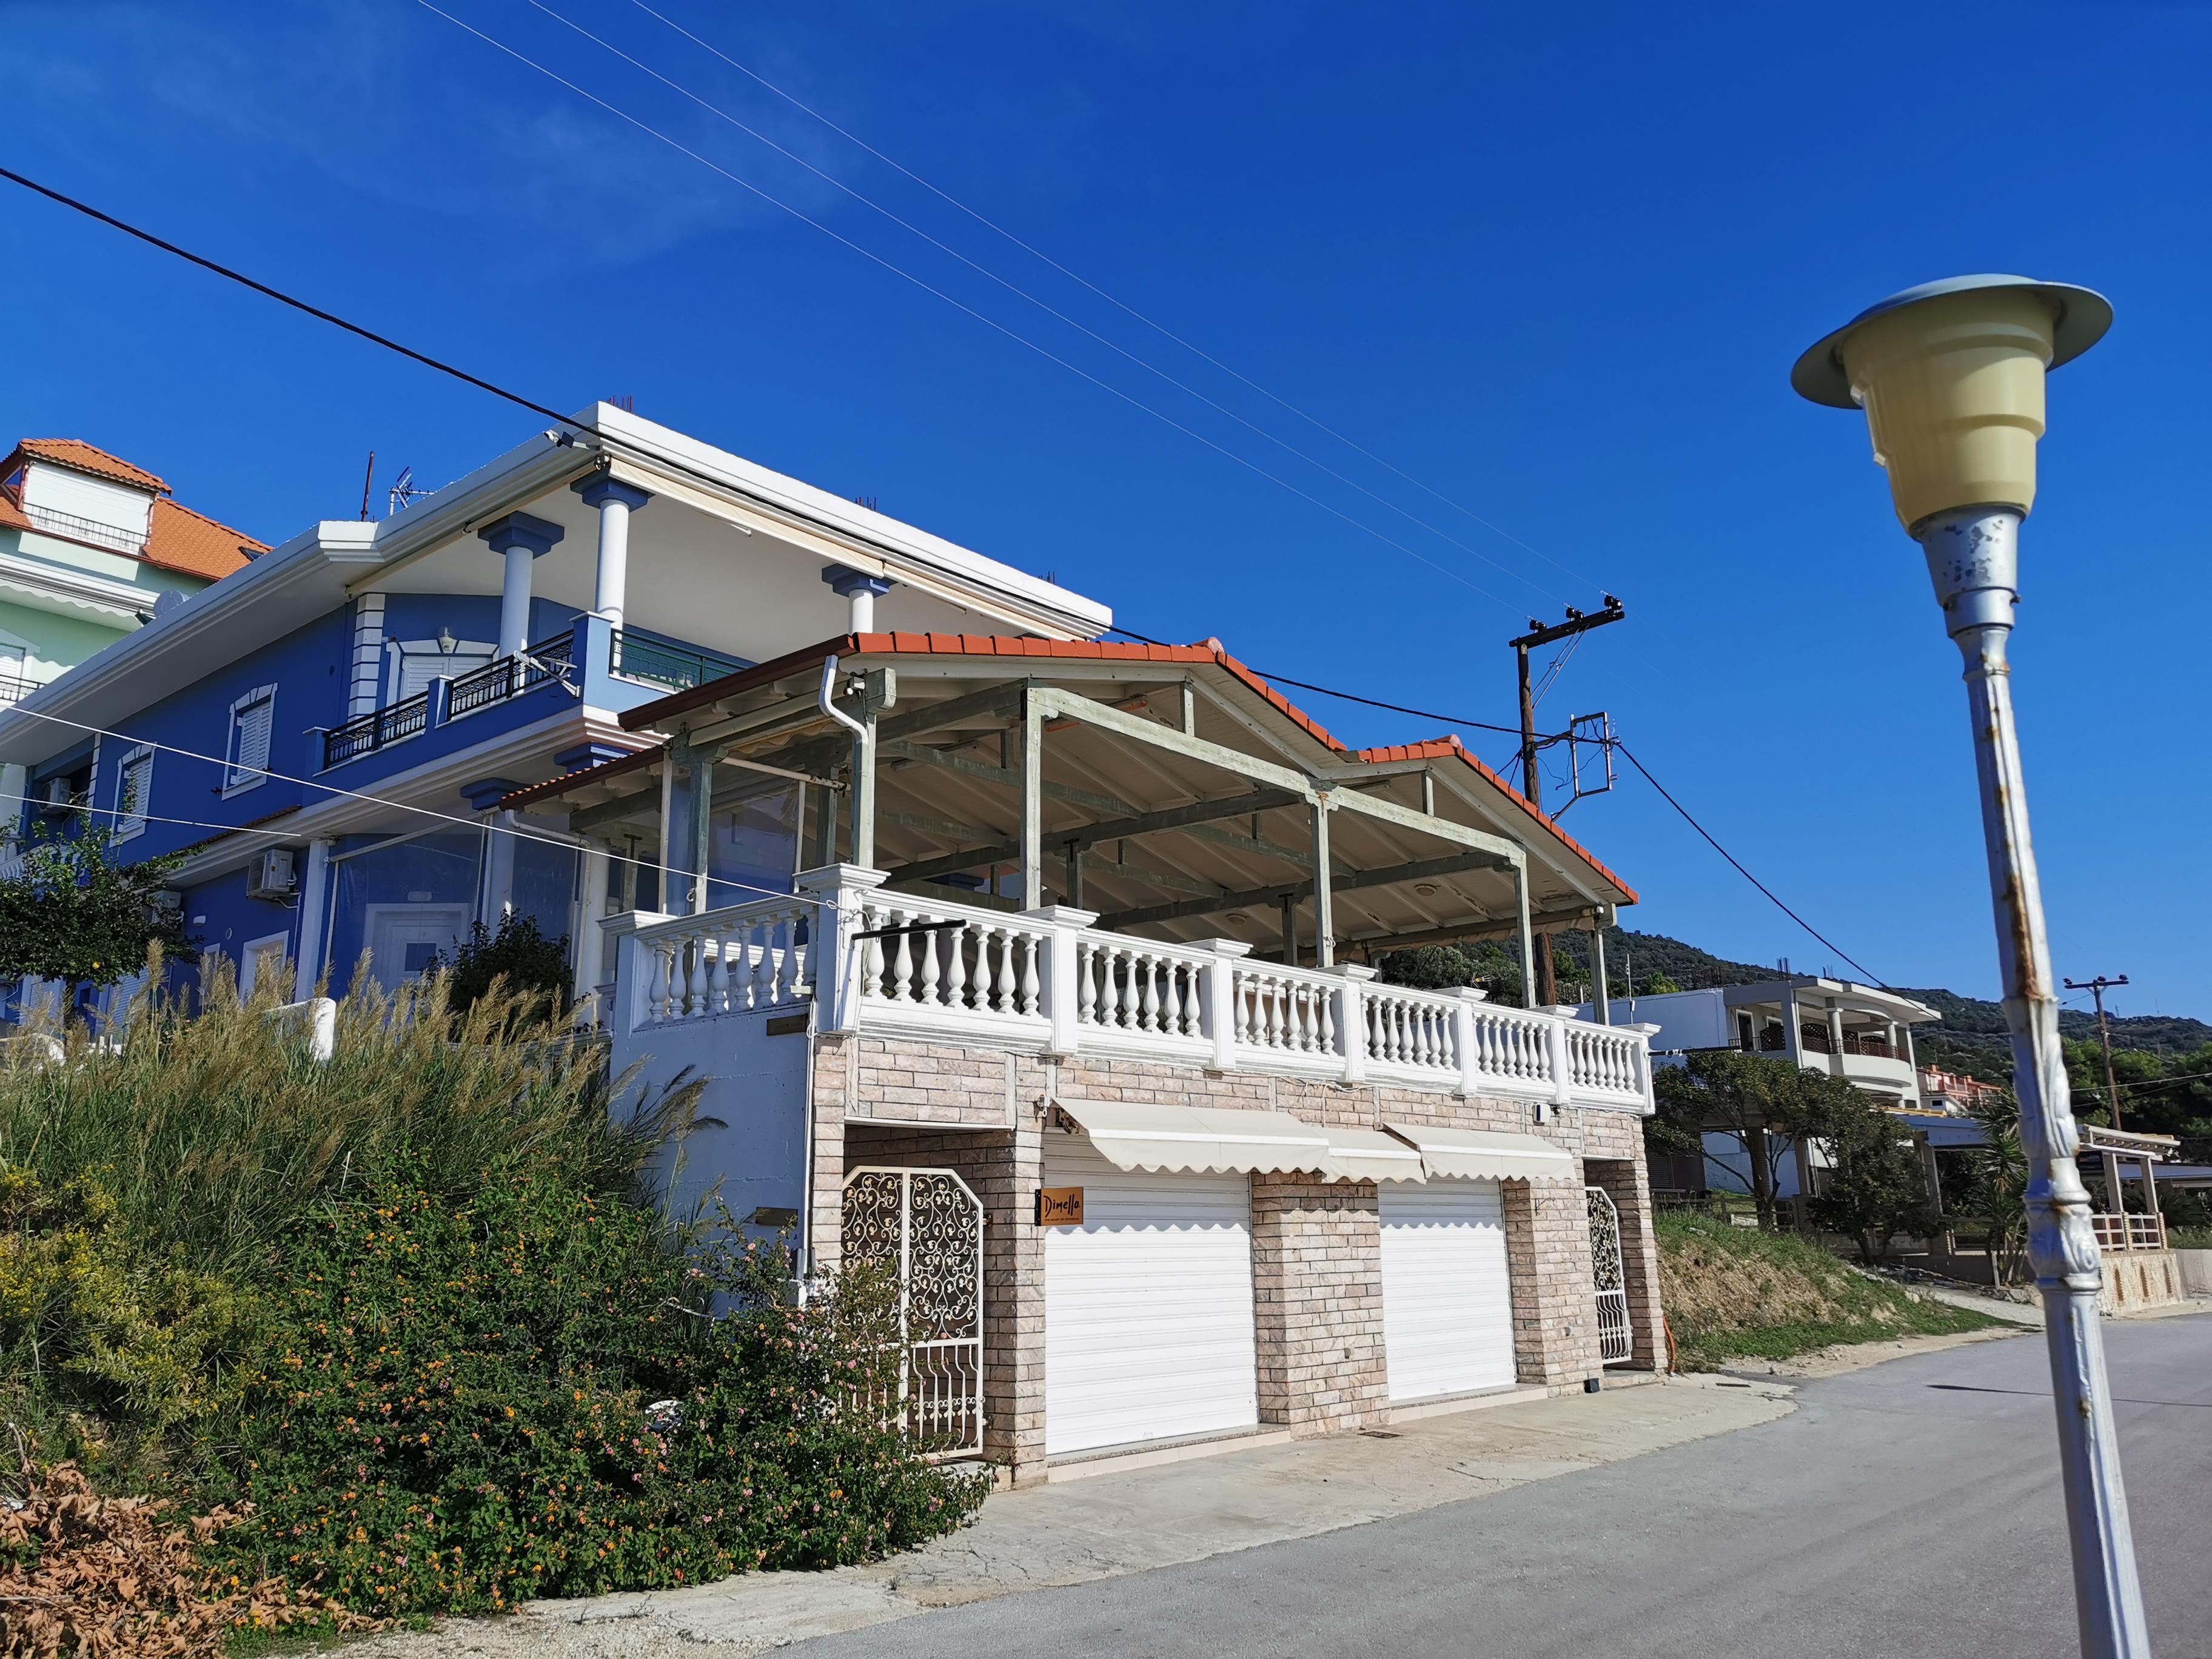 Grcka apartmani letovanje, Vrahos,  Argo, vila